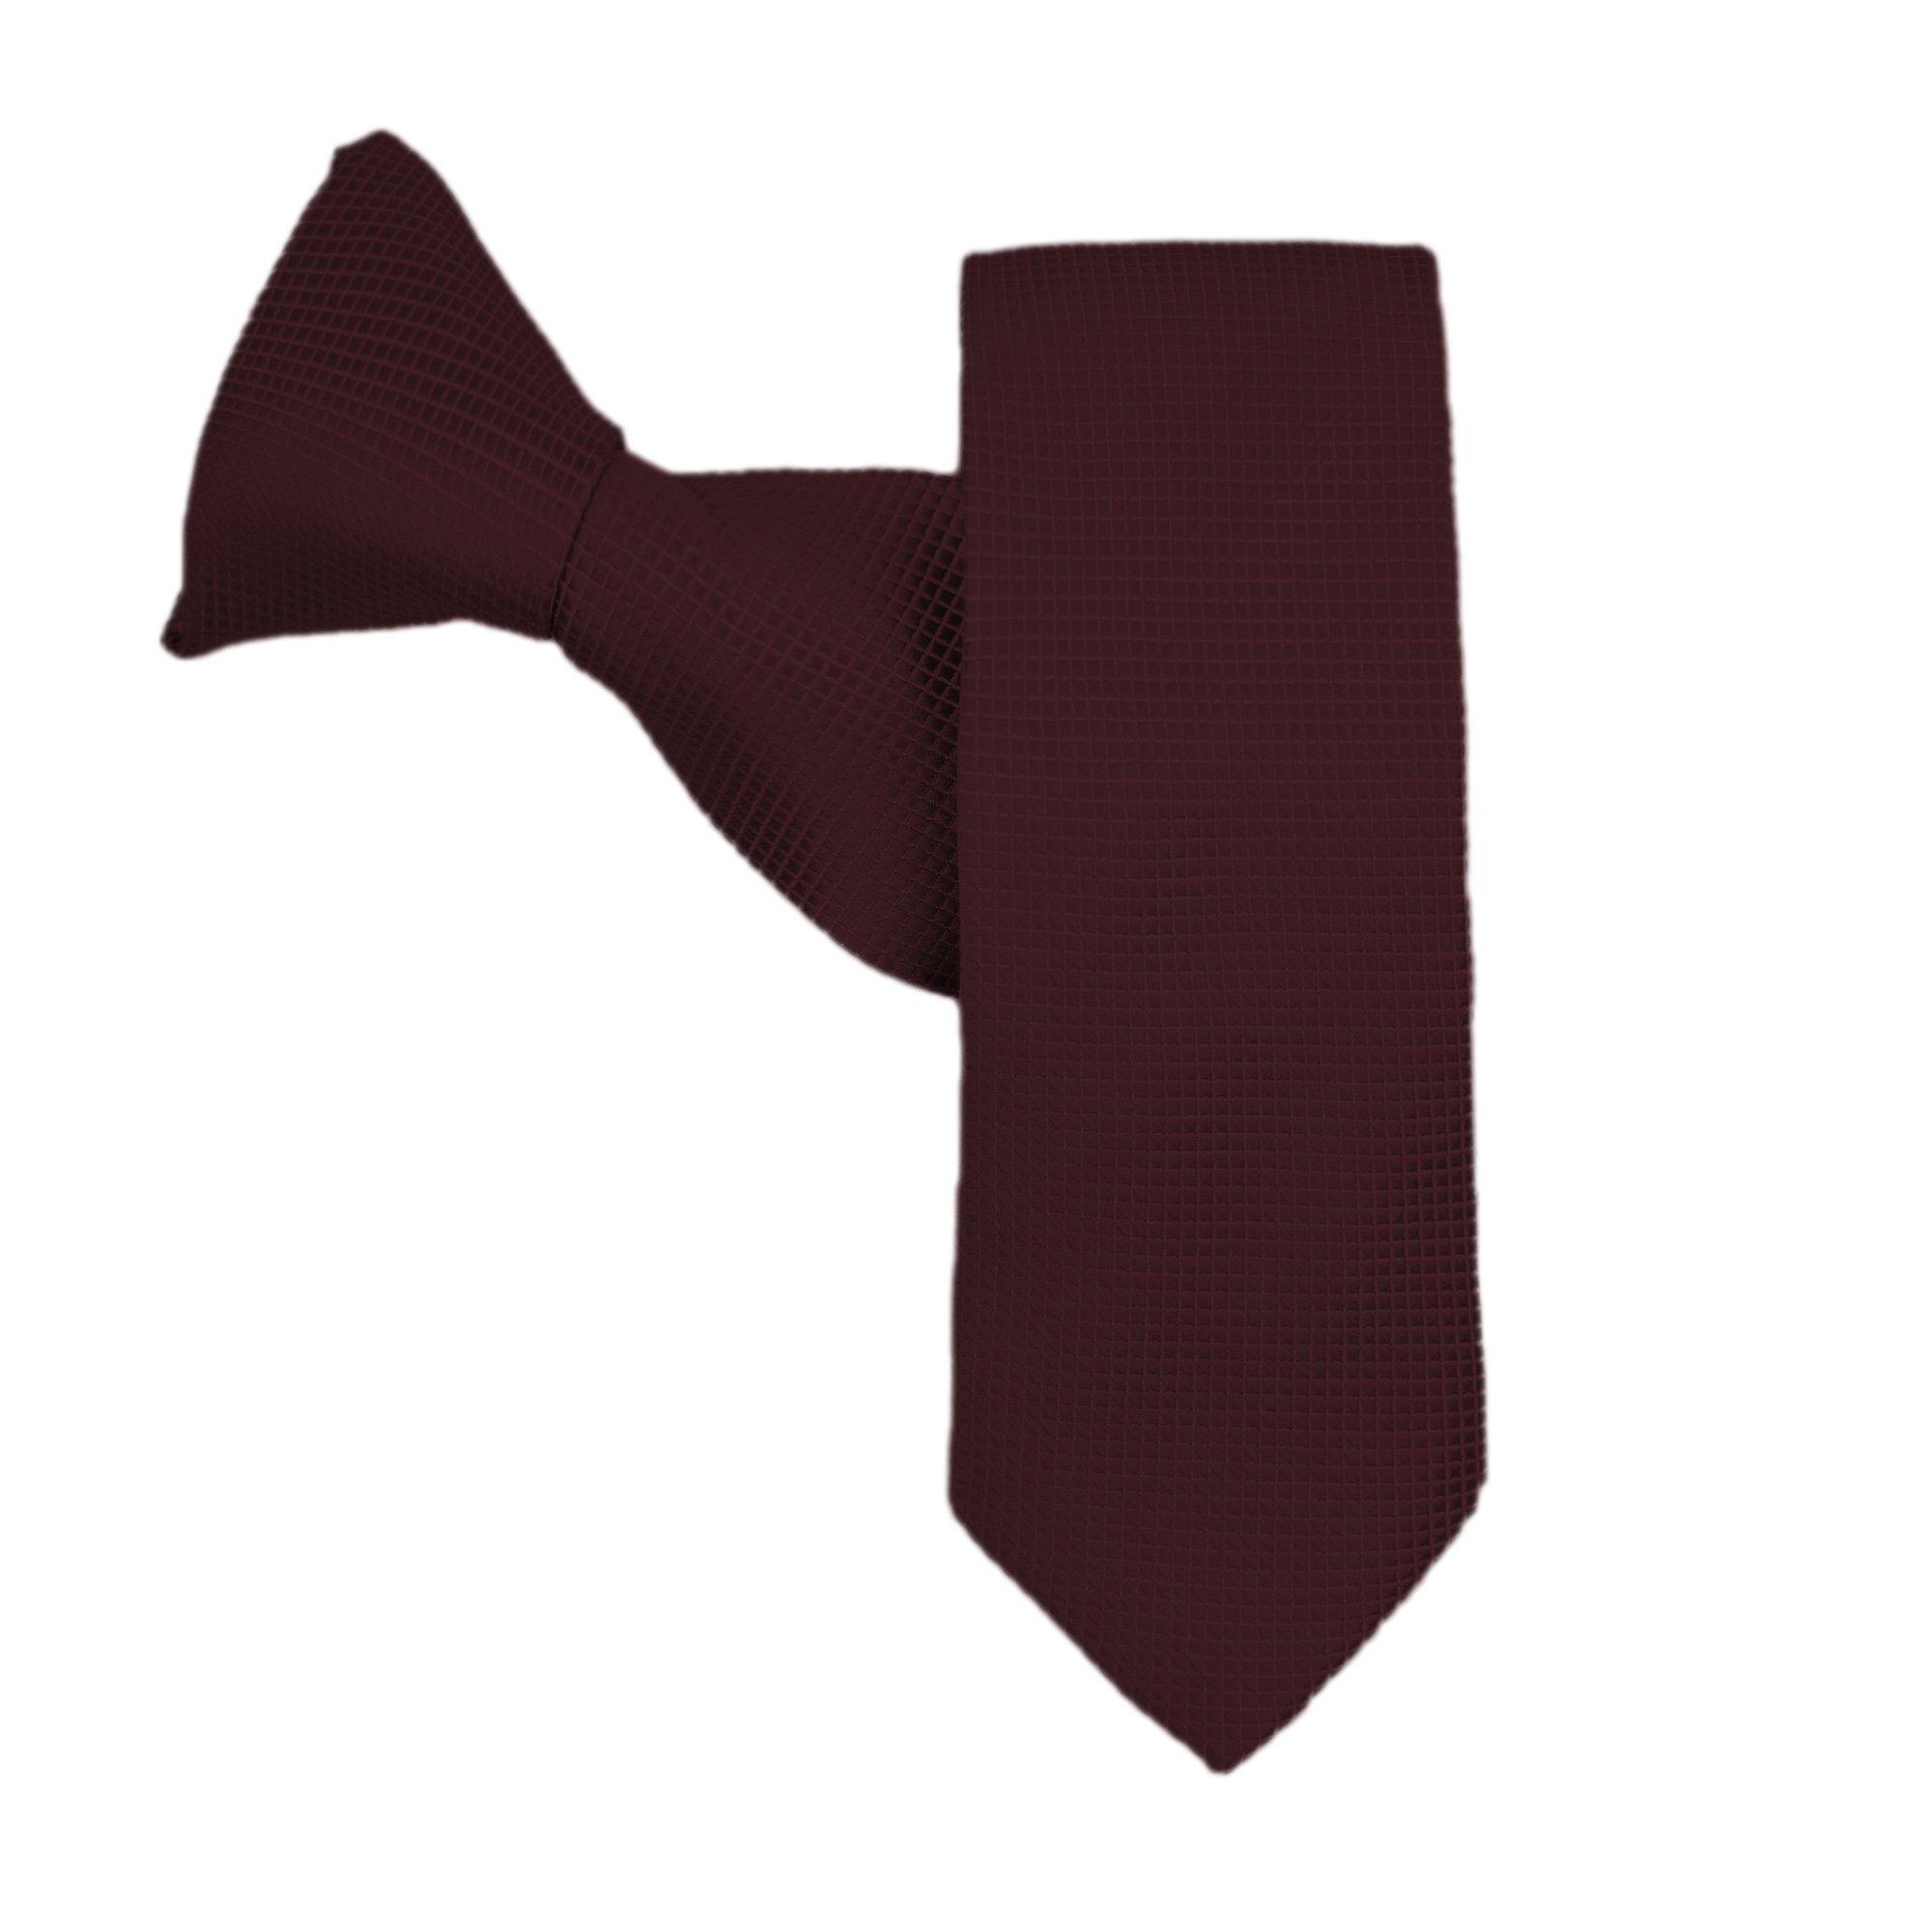 Jacob Alexander Mens Woven Subtle Mini Squares Zipper Neck Tie Brown